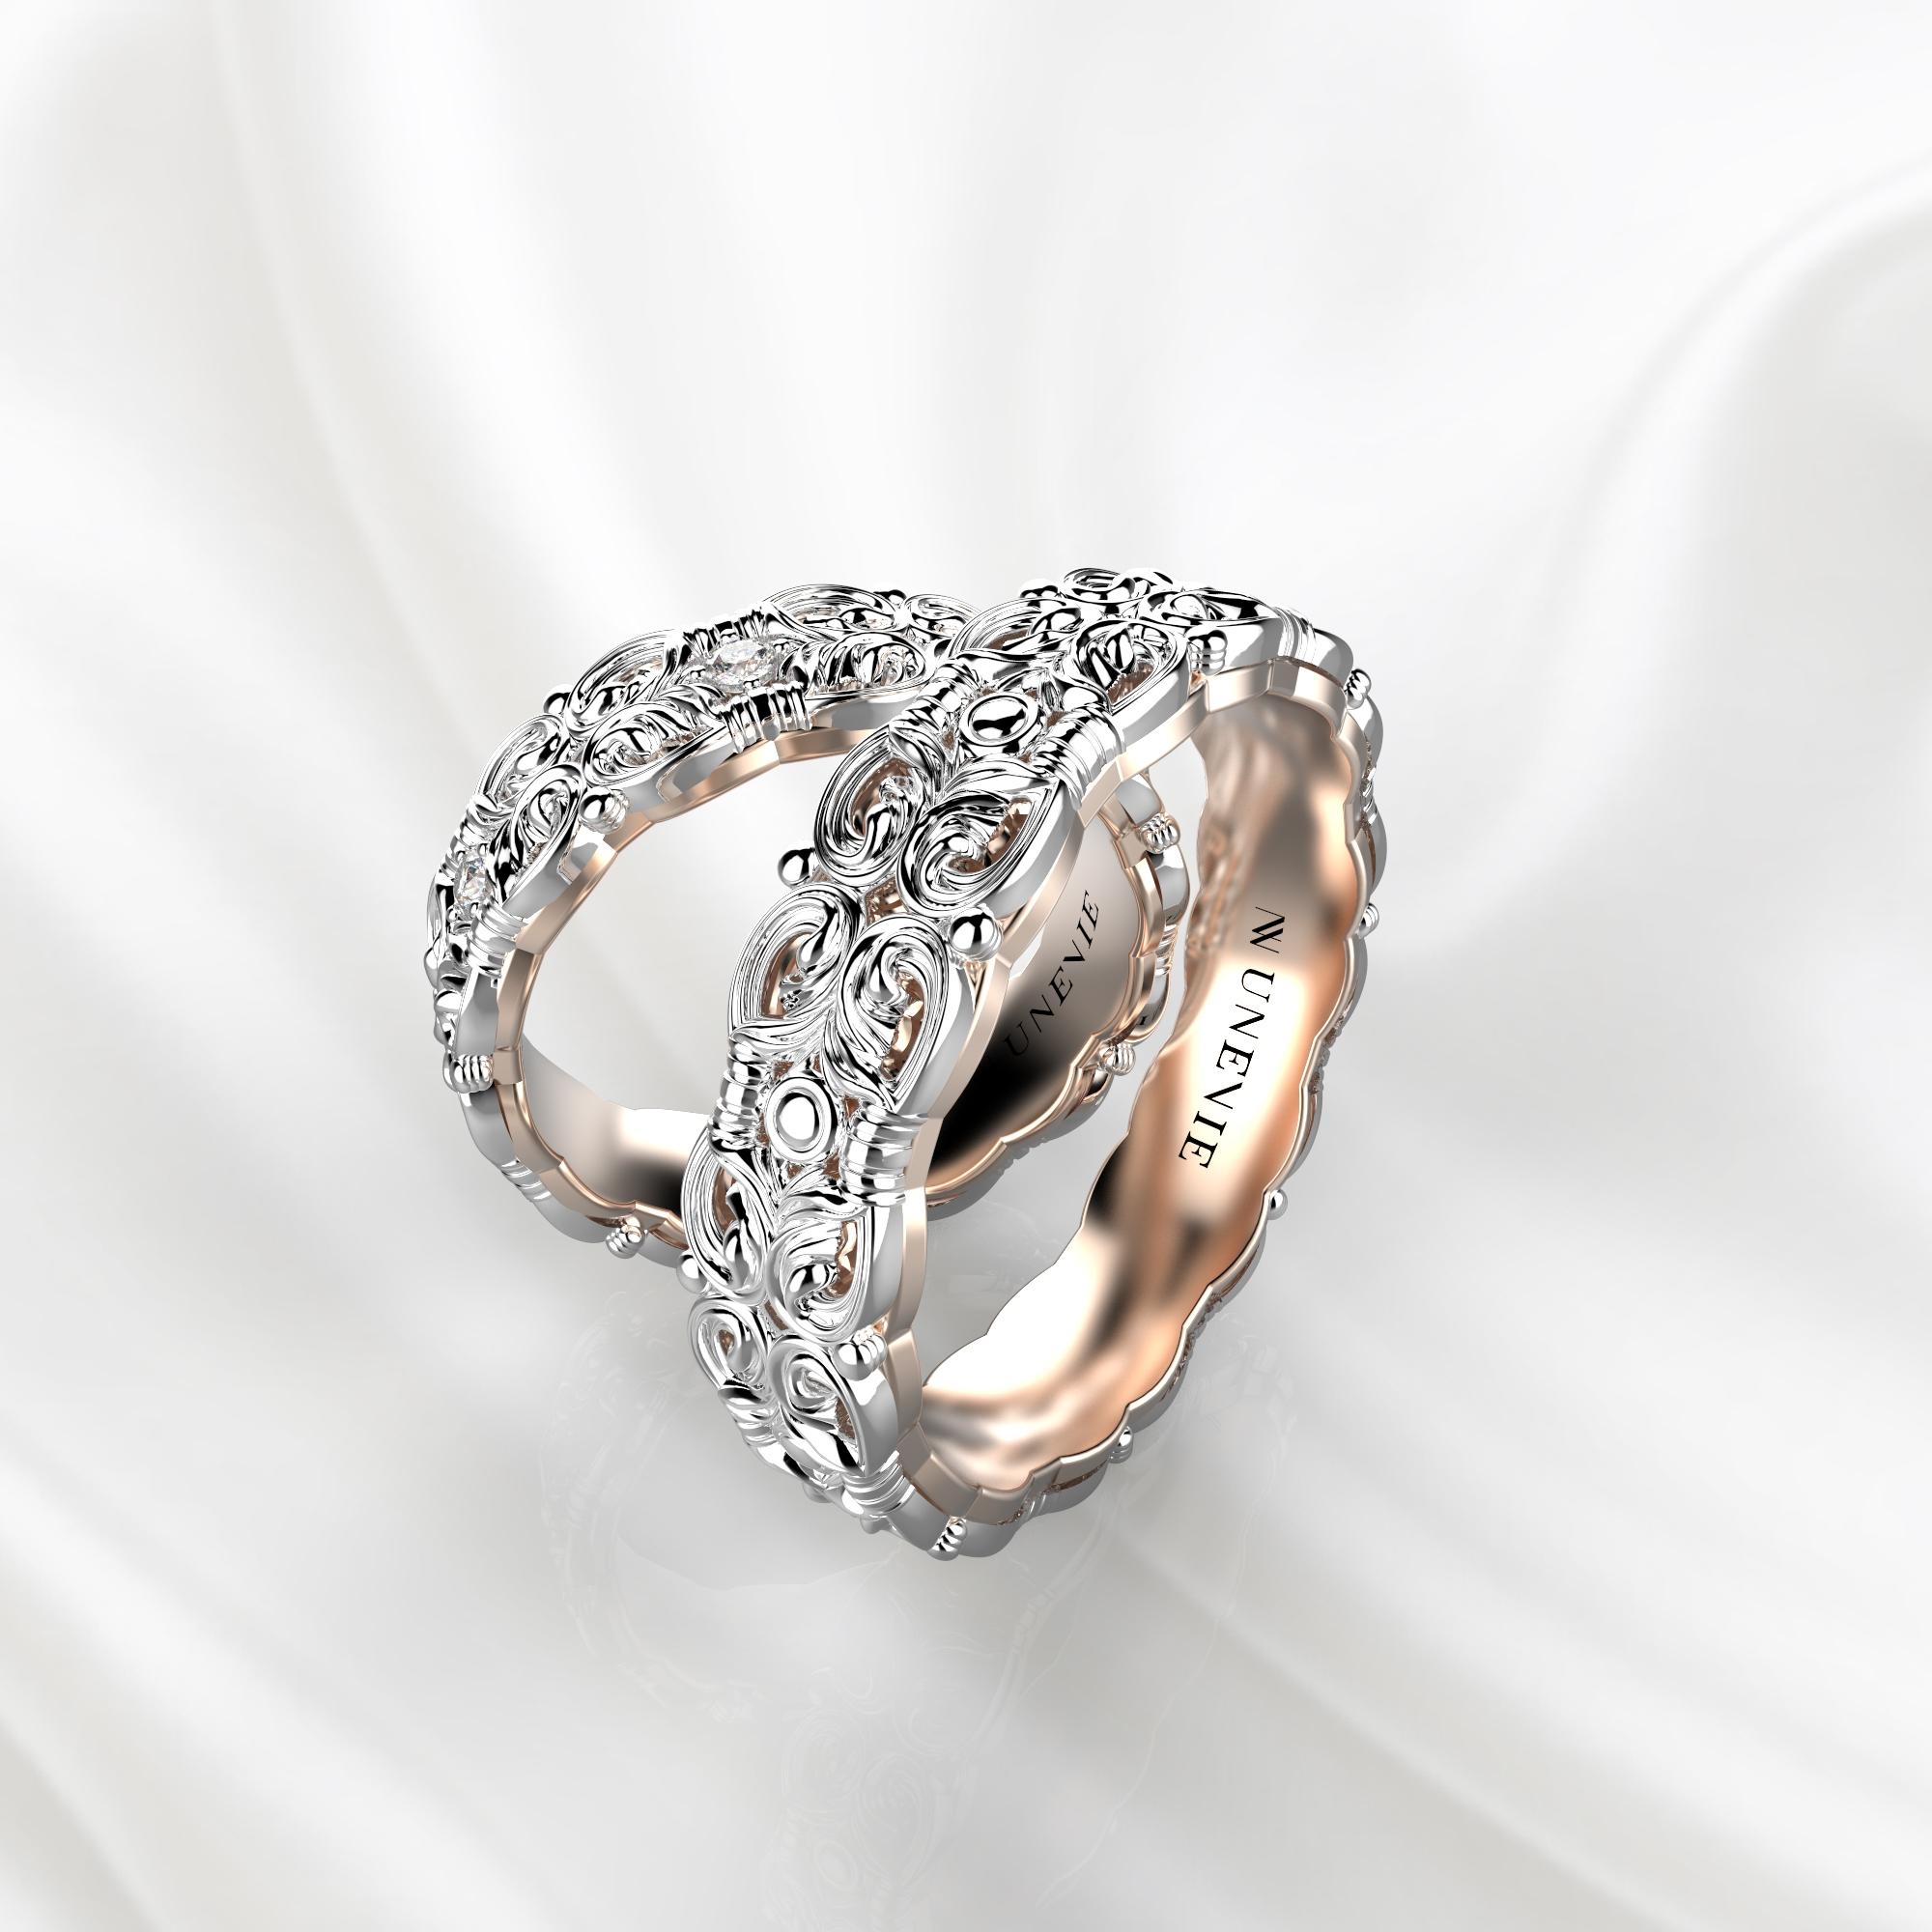 NV67 Парные обручальные кольца из бело-розового золота с бриллиантами